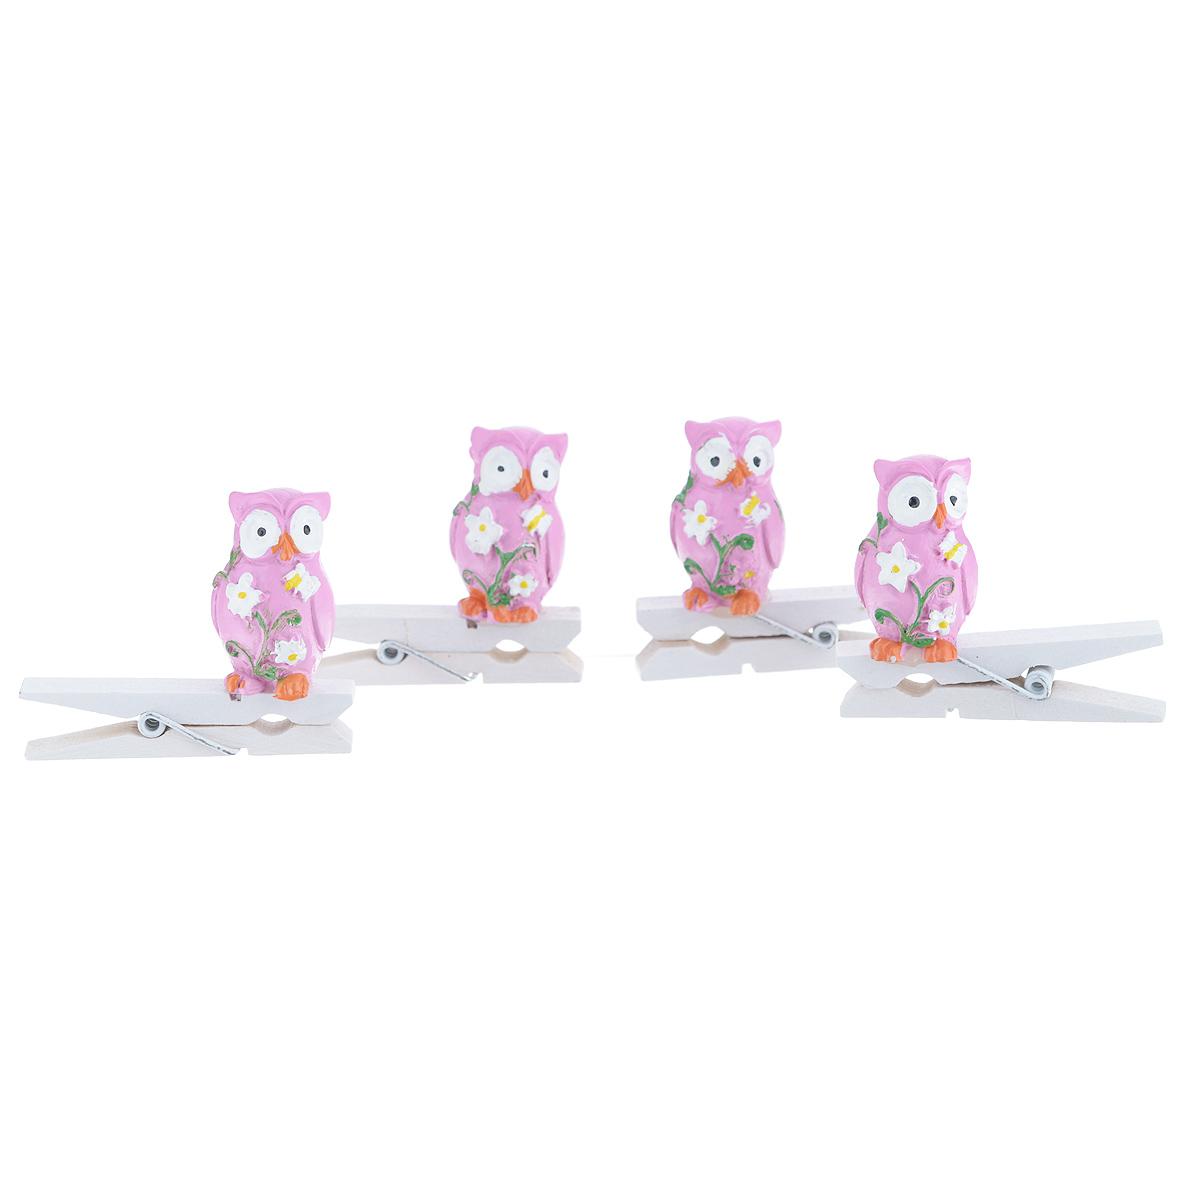 """Набор Феникс-презент """"Совушки"""" состоит из 4 декоративных прищепок, выполненных из дерева. Прищепки оформлены декоративными фигурками из полирезины в виде сов с цветами. Изделия используются для развешивания стикеров на веревке, маленьких игрушек, а оригинальность и веселые цвета прищепок будут радовать глаз и поднимут настроение. Размер прищепки: 4,5 см х 1,5 см х 4 см."""